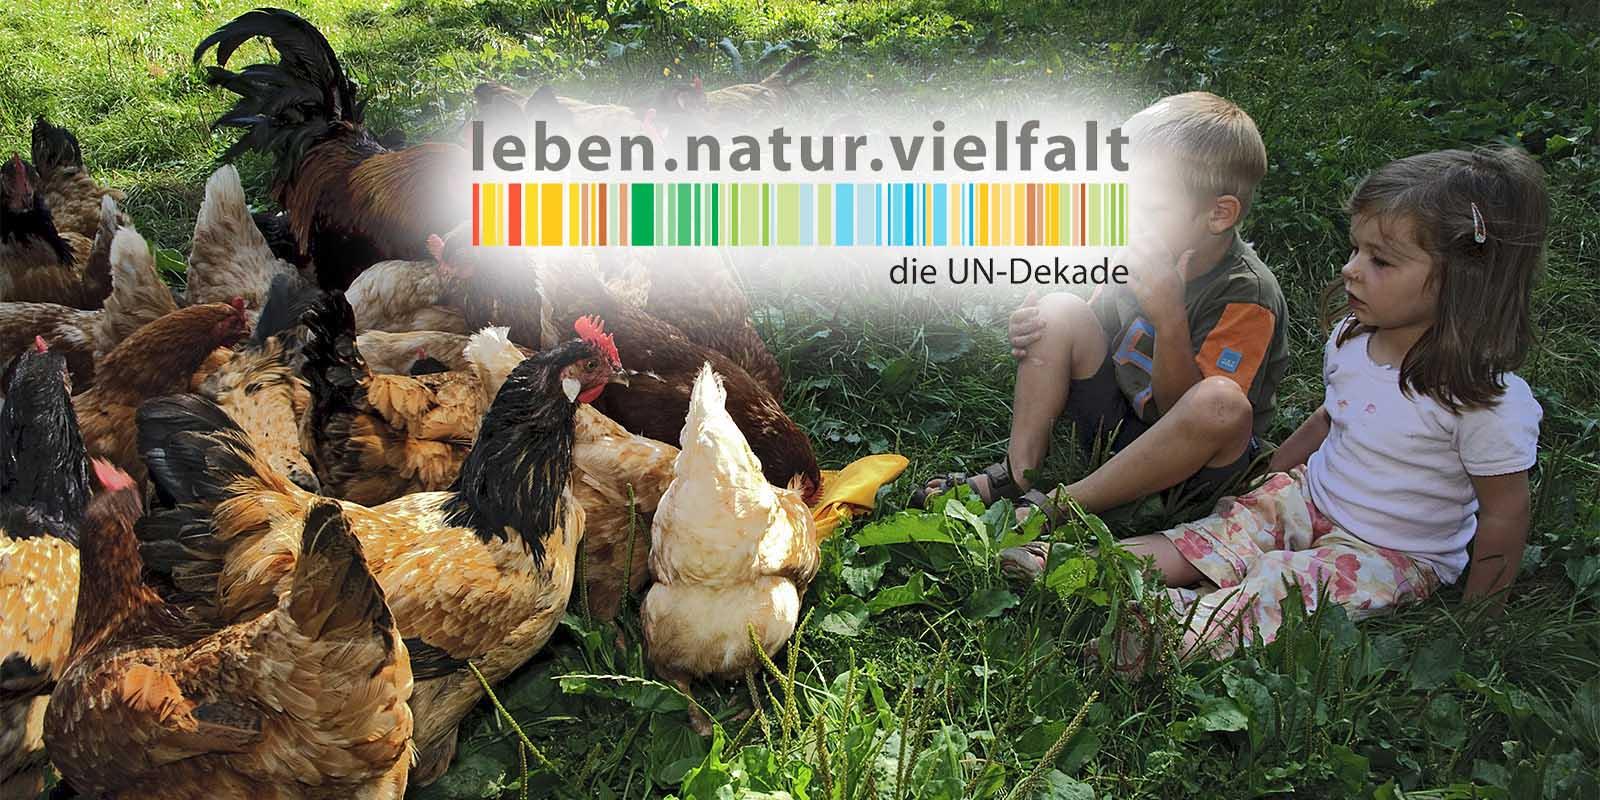 Die Kita Natura eG erhält Auszeichnung von der UN-Dekade für biologische Vielfalt 2020